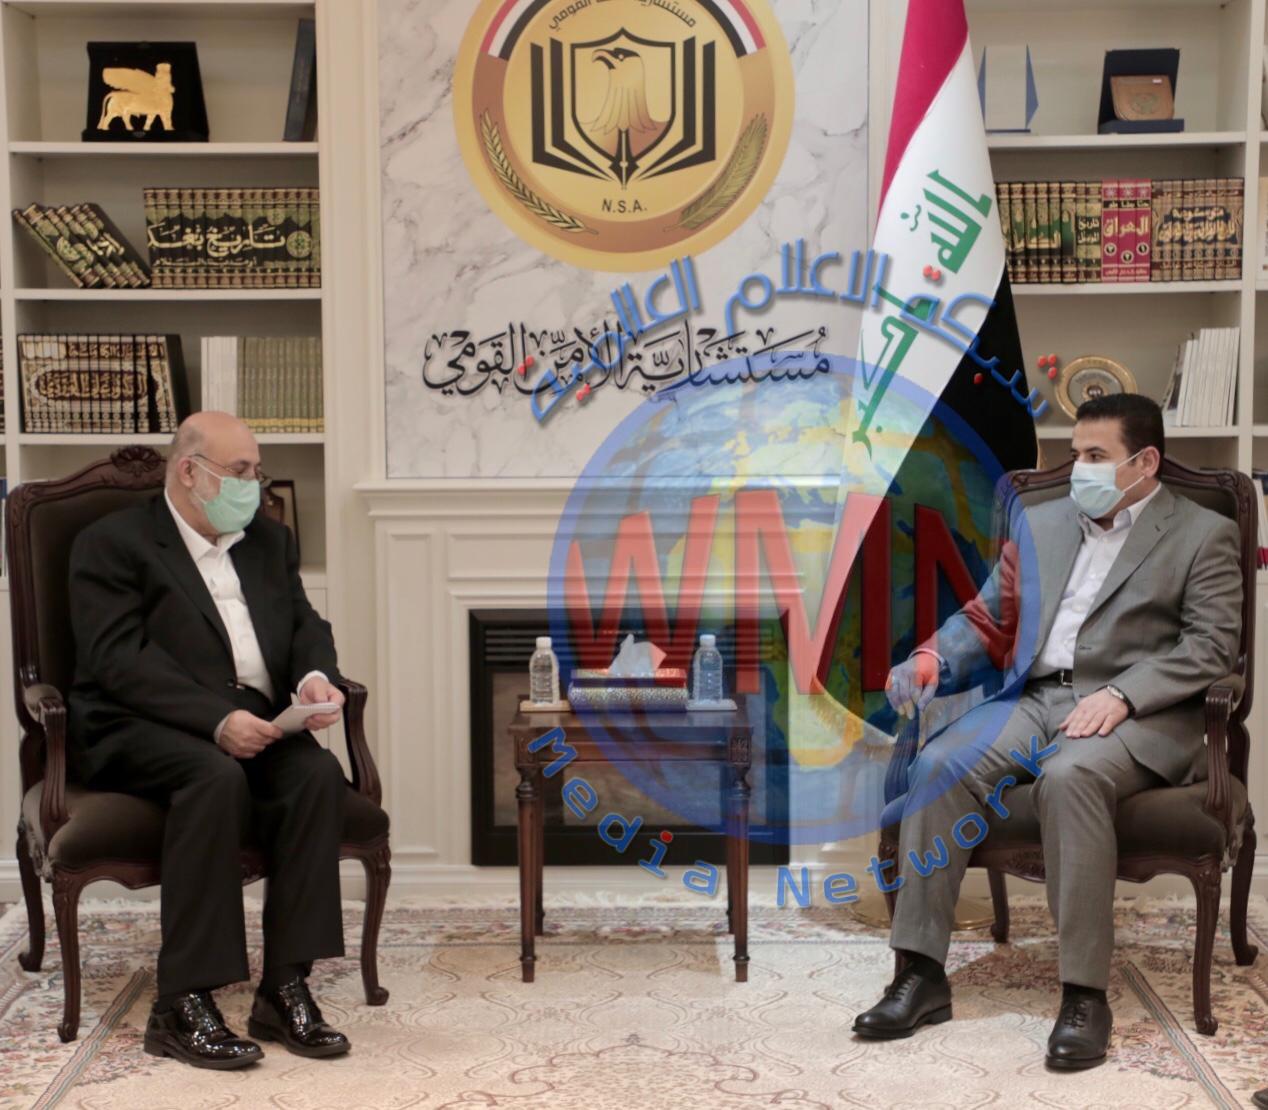 مستشار الأمن القومي  قاسم الأعرجي يستقبل الوكيل الأقدم لوزارة الدفاع الإيرانية والوفد المرافق له